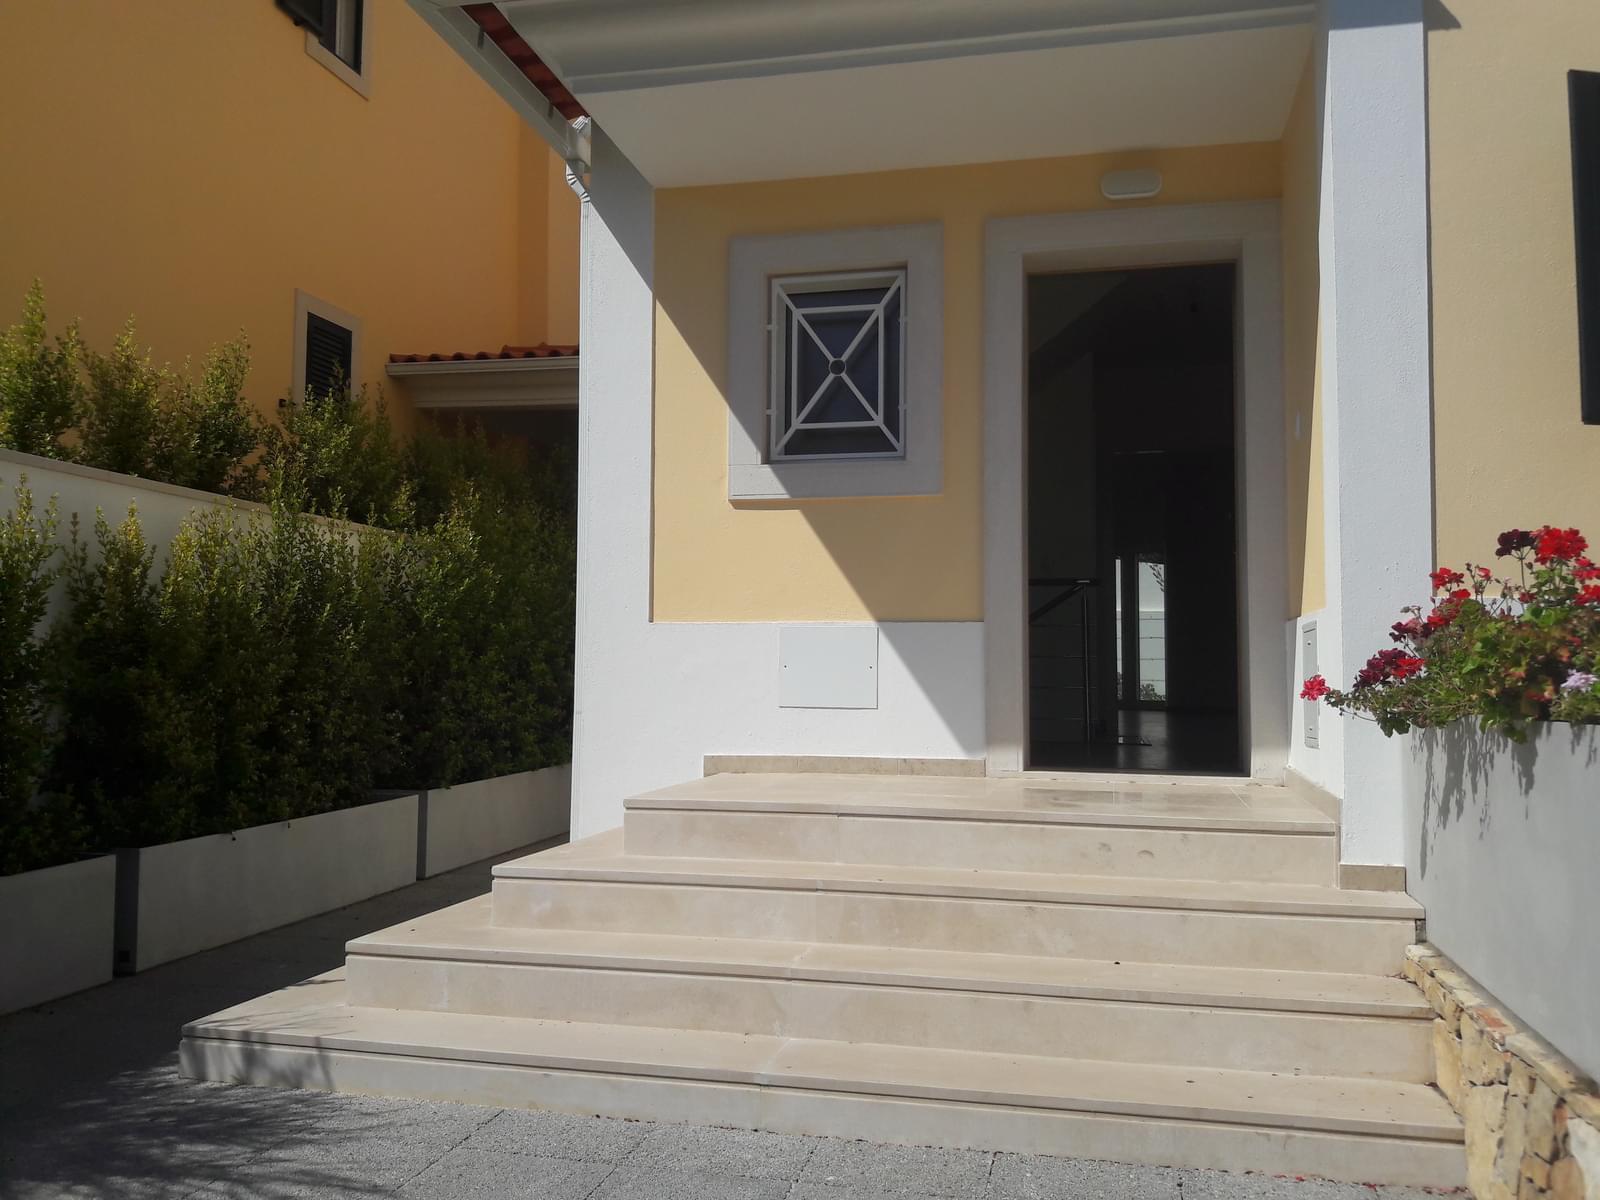 pf18025-apartamento-t3-fab09d46-0edd-45b1-80d8-baf5103cec0c